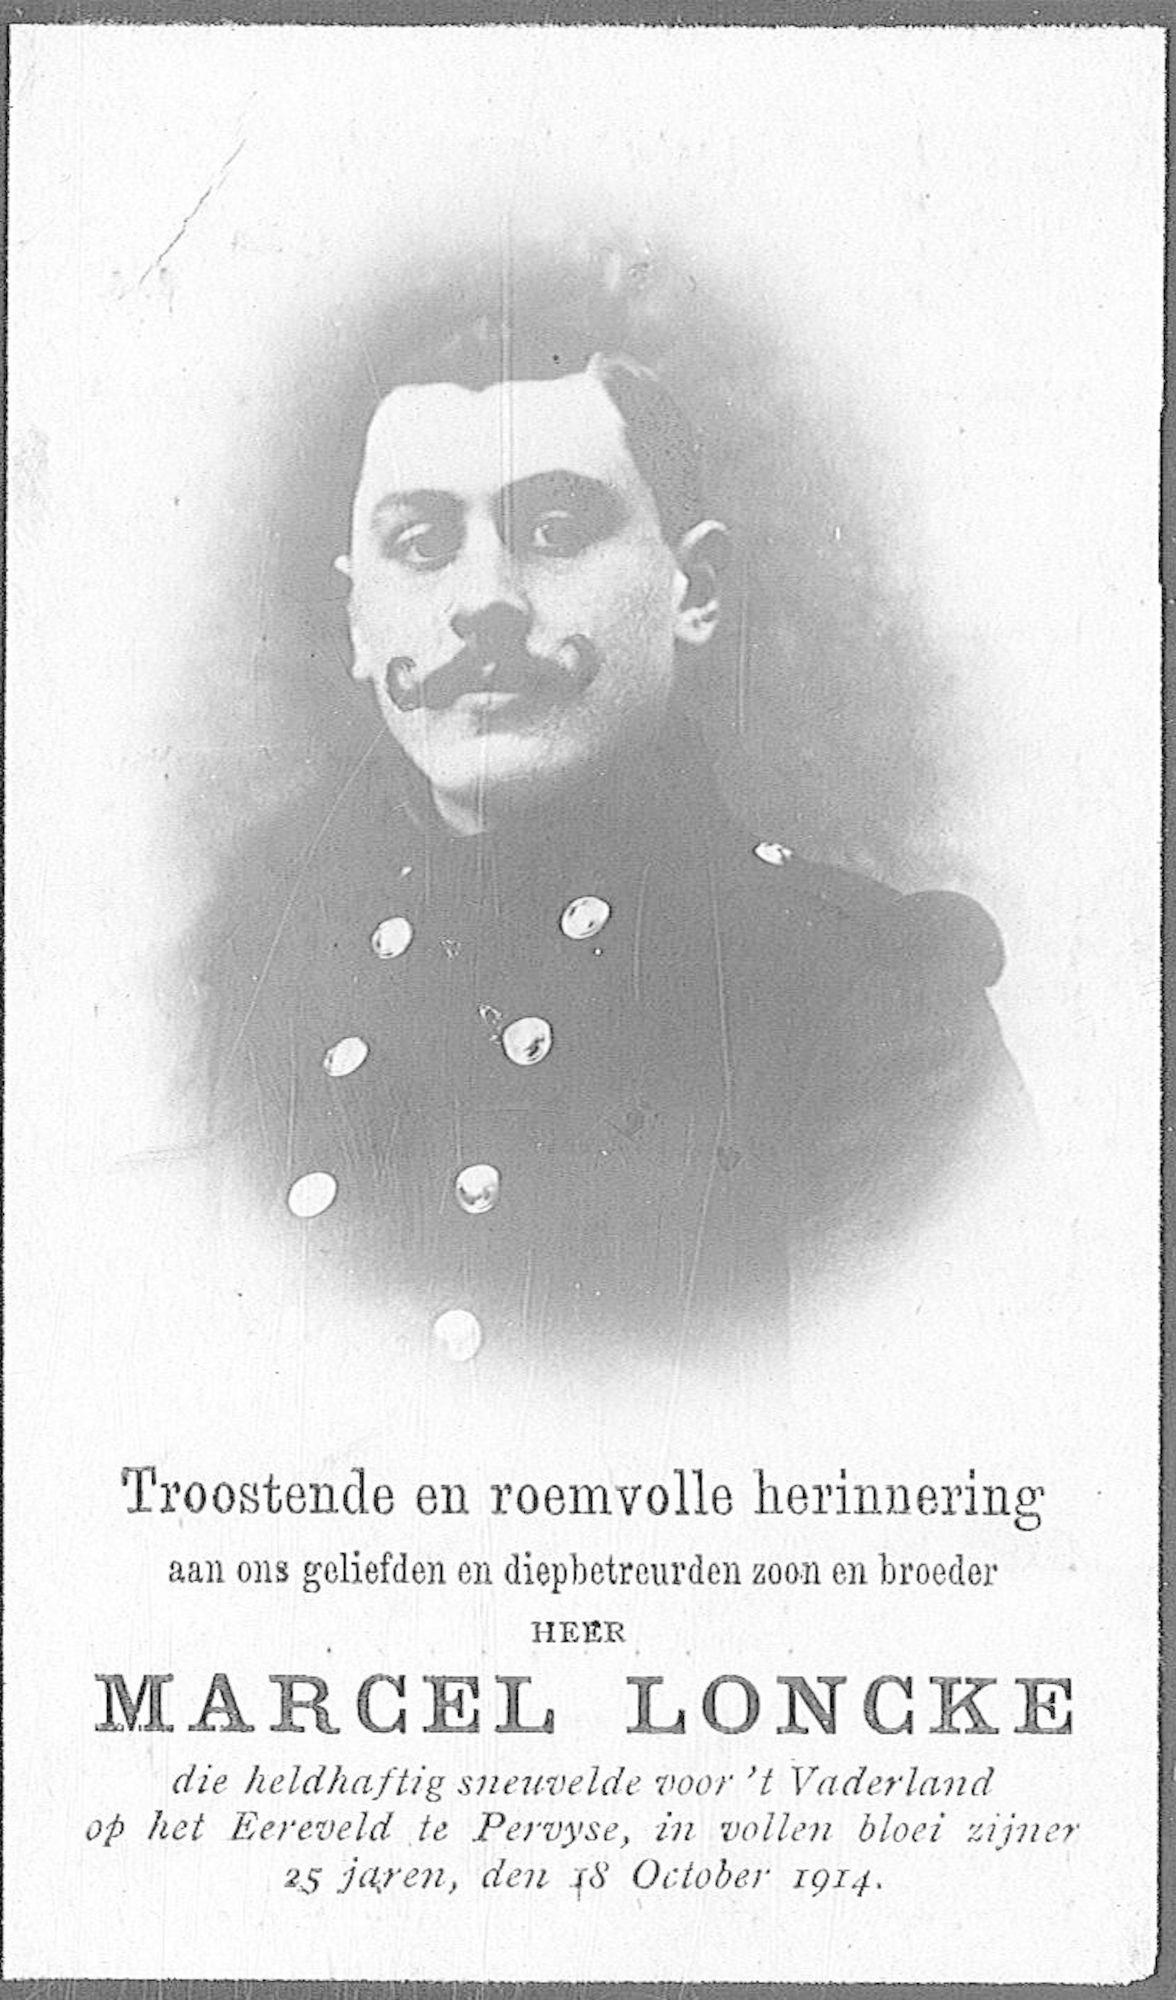 Marcel Loncke